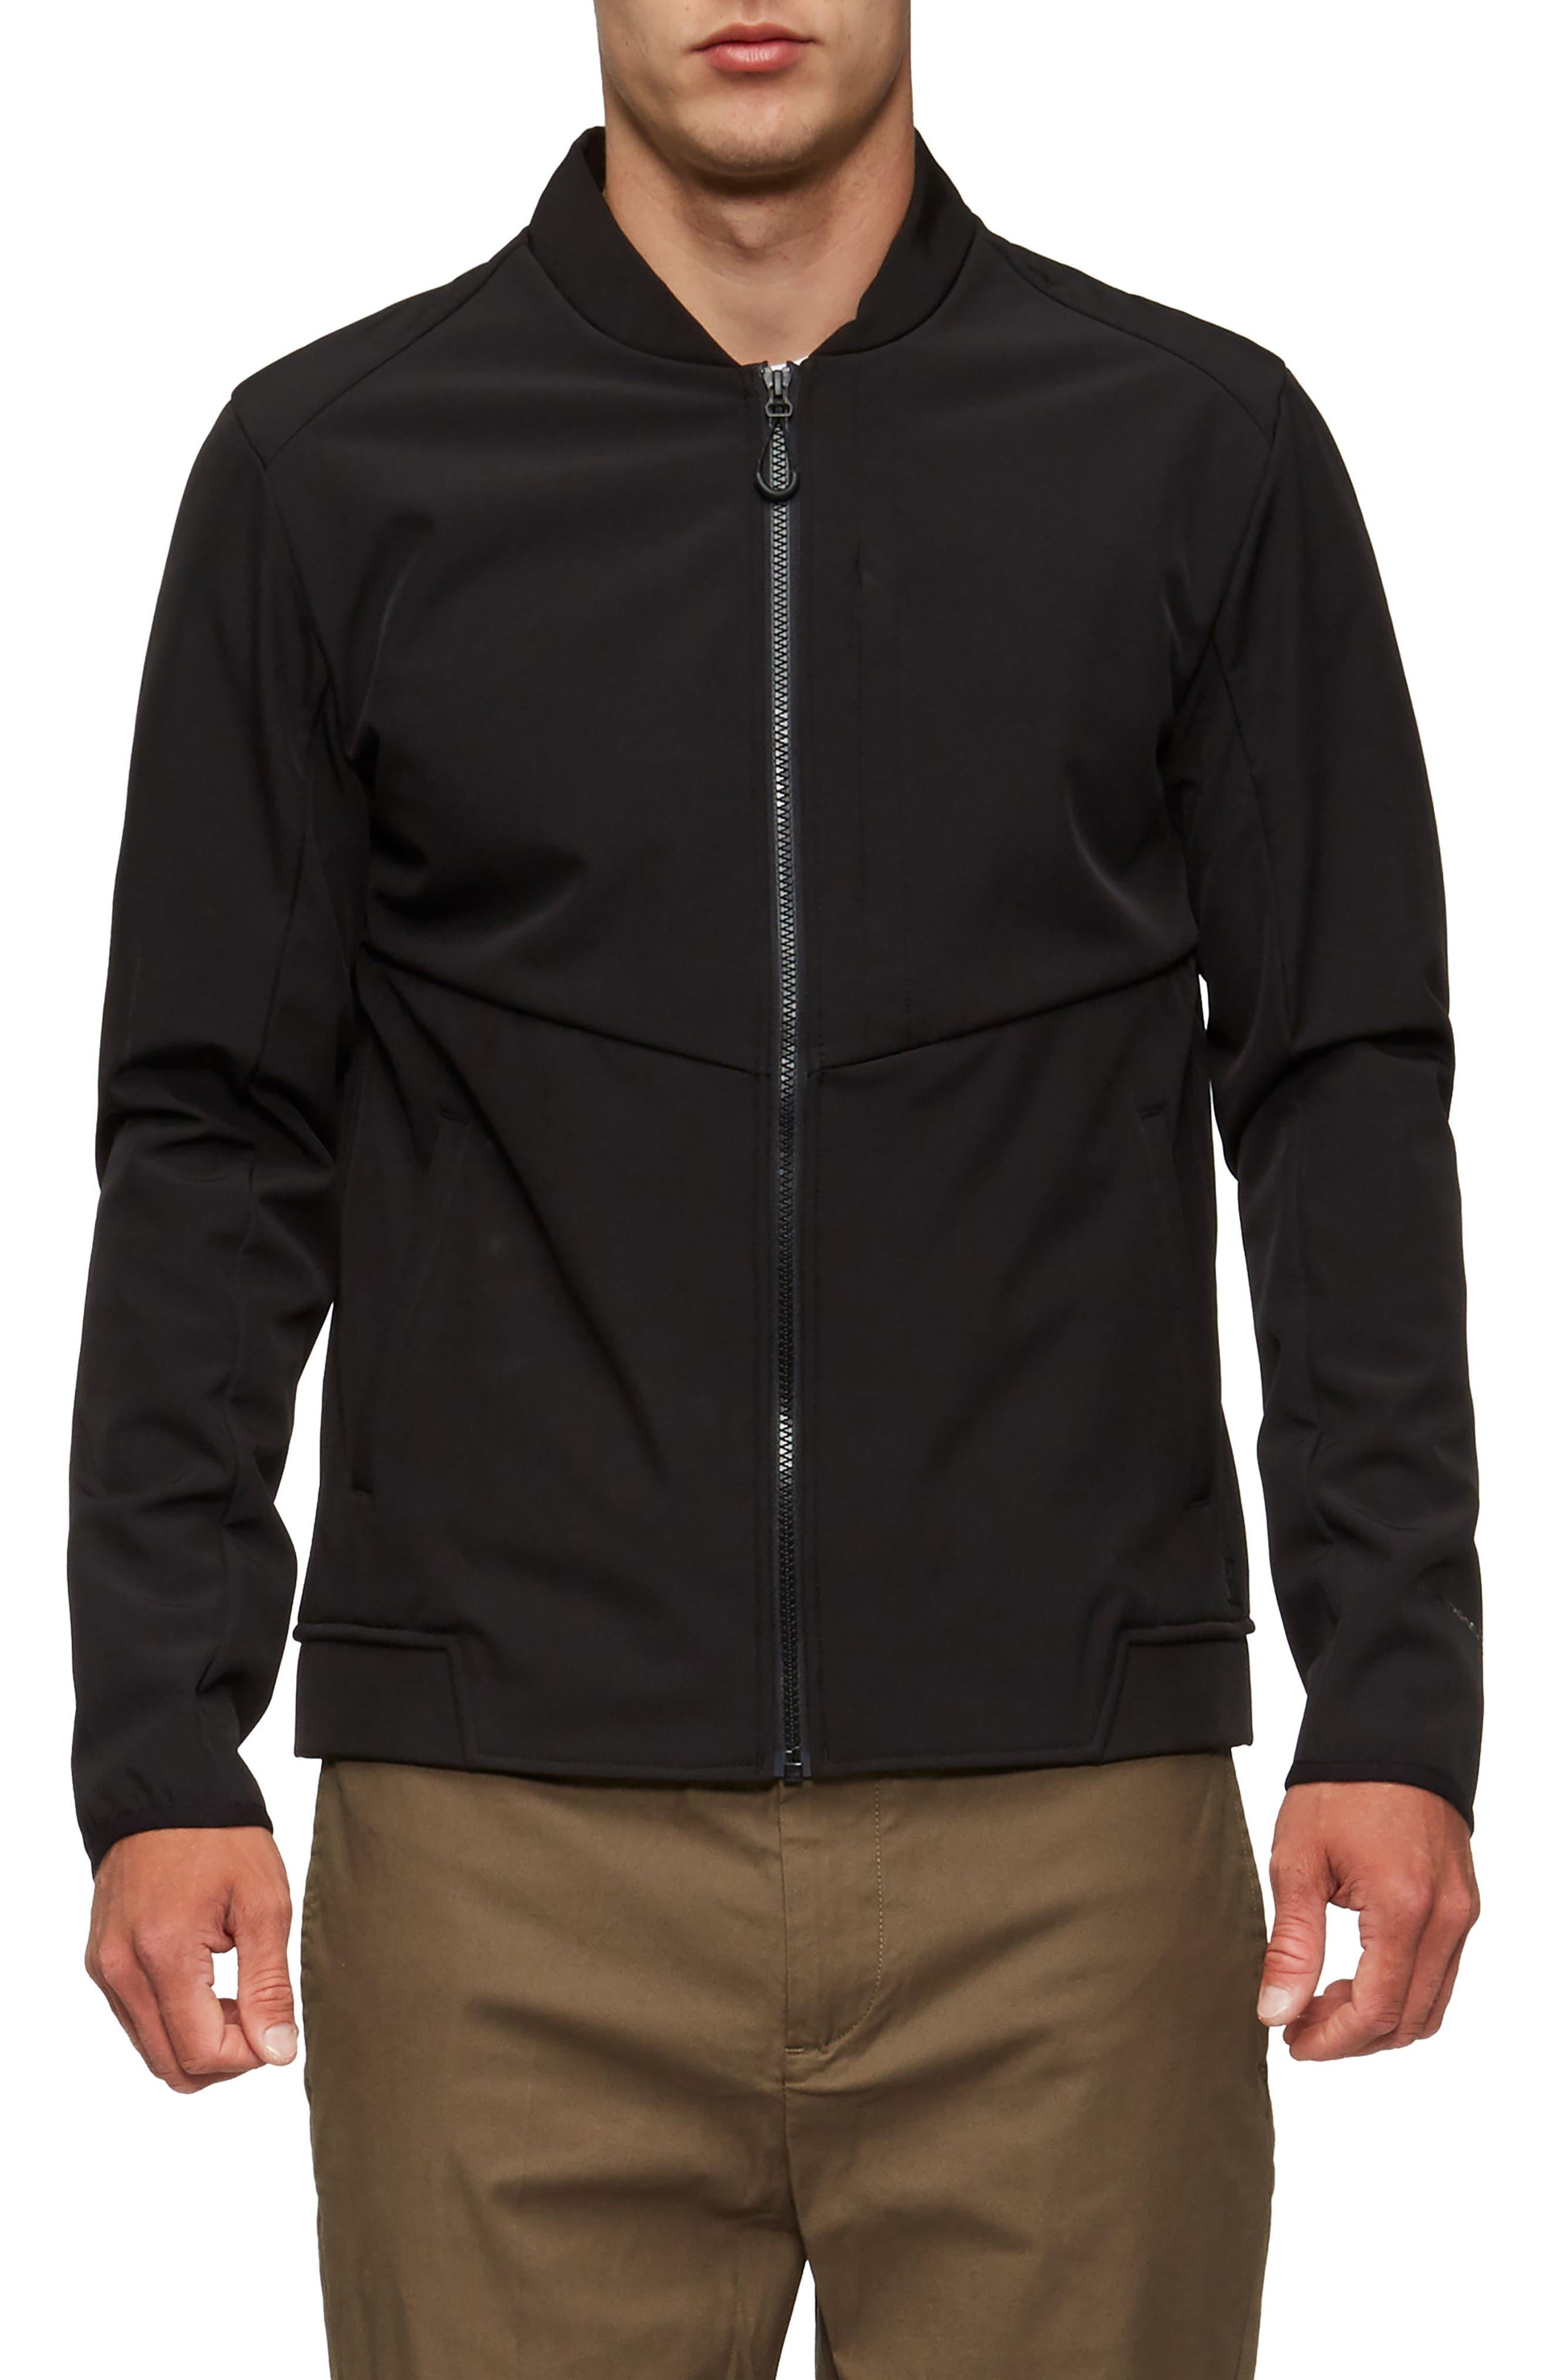 Decoy Fleece Jacket,                             Main thumbnail 1, color,                             001